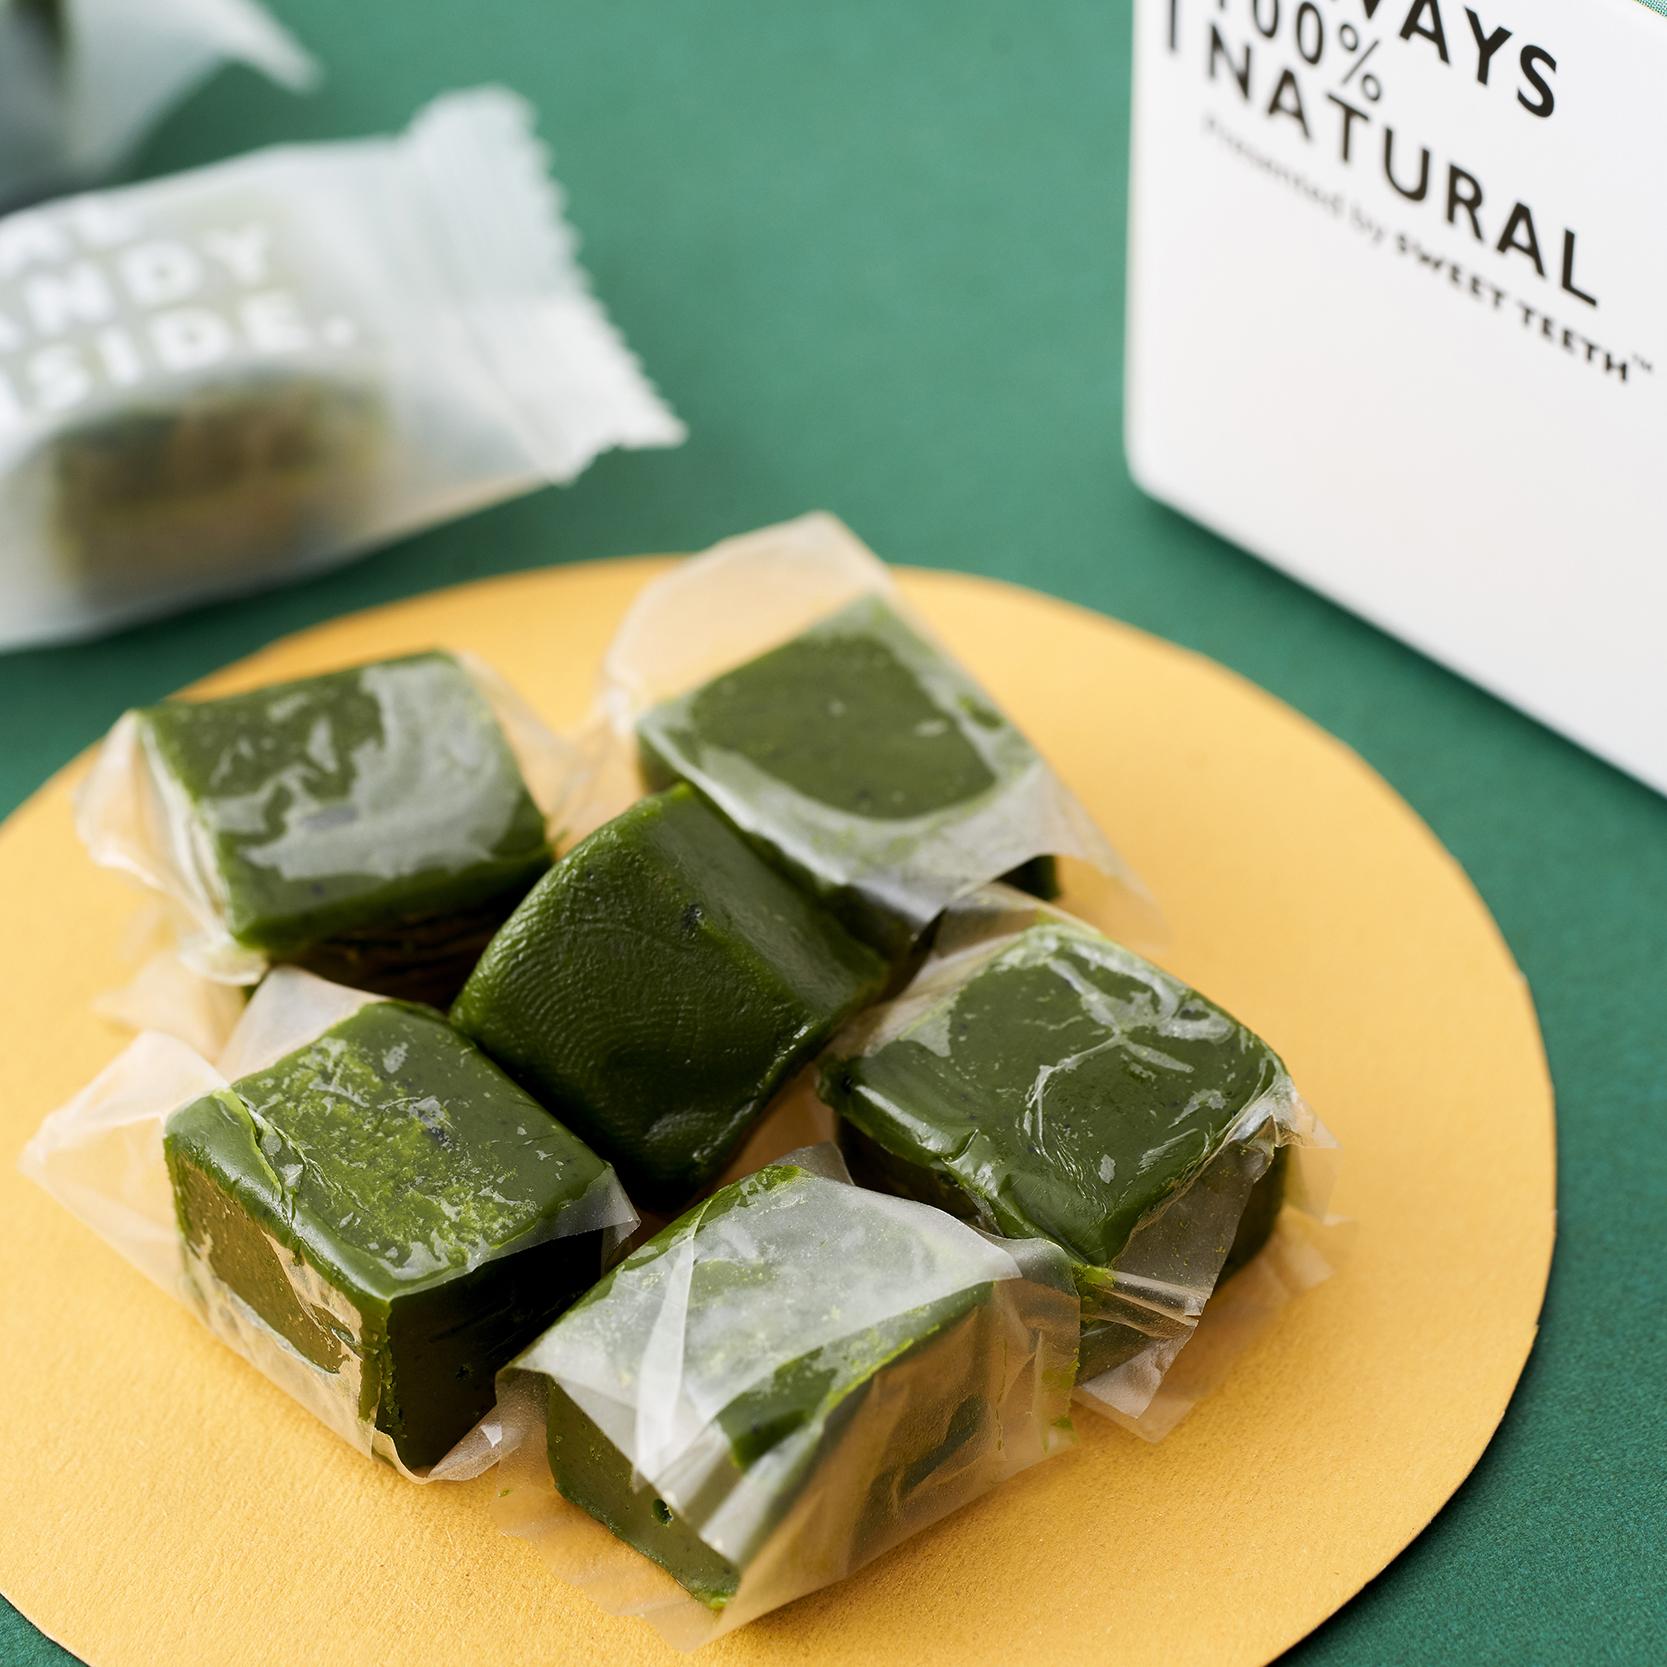 【清新抹茶】甜牙齿牛奶软糖 宅人食堂推荐冰淇淋零食节日送礼